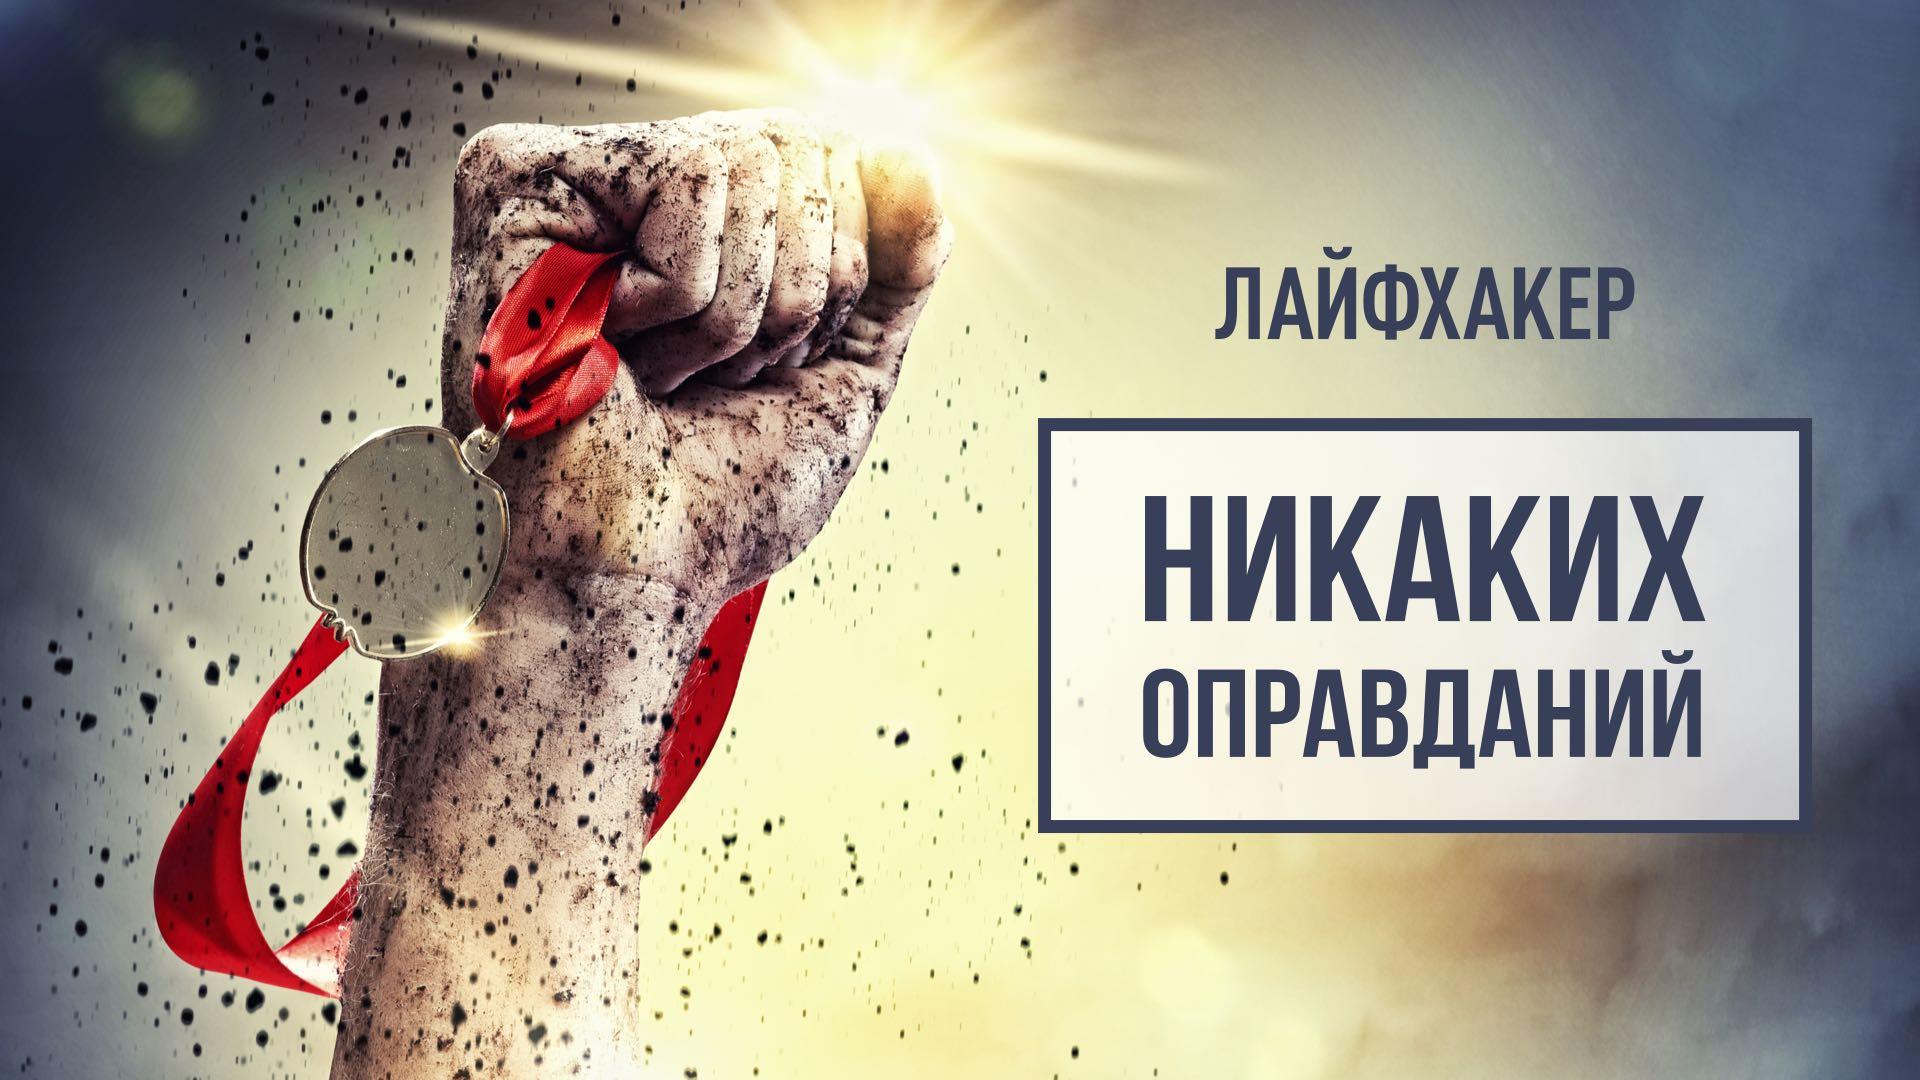 Обои на рабочий стол надписи мотивация русские